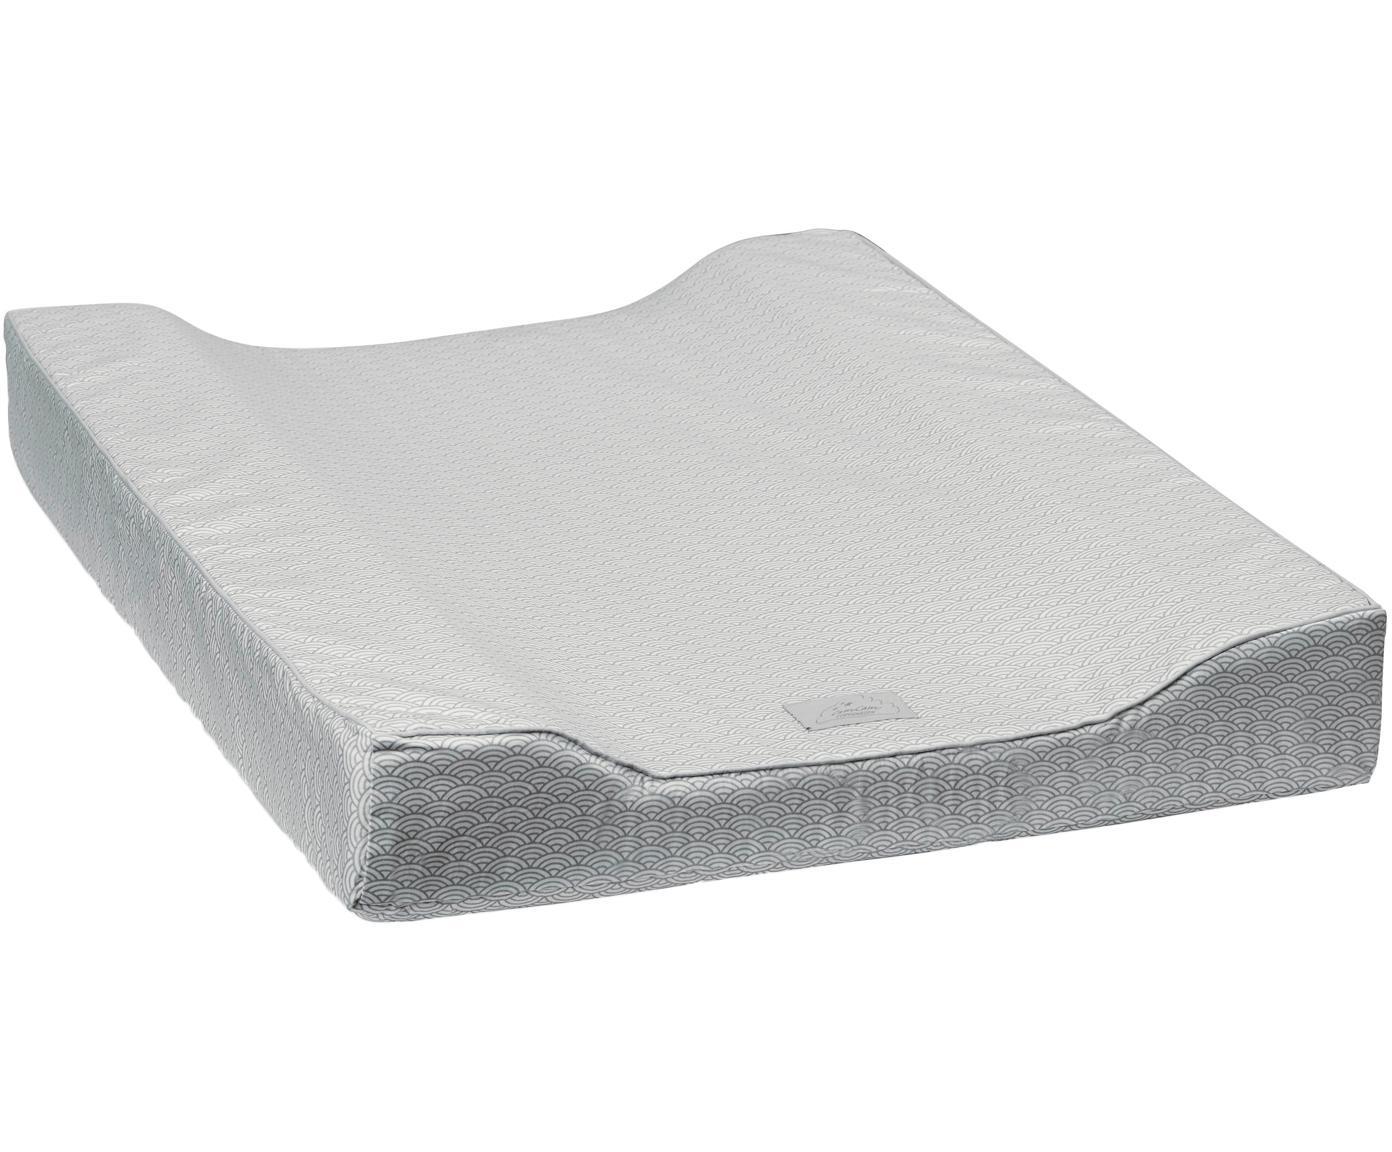 Aankleedkussen Wave, Bekleding: organisch katoen, Grijs, wit, 50 x 65 cm